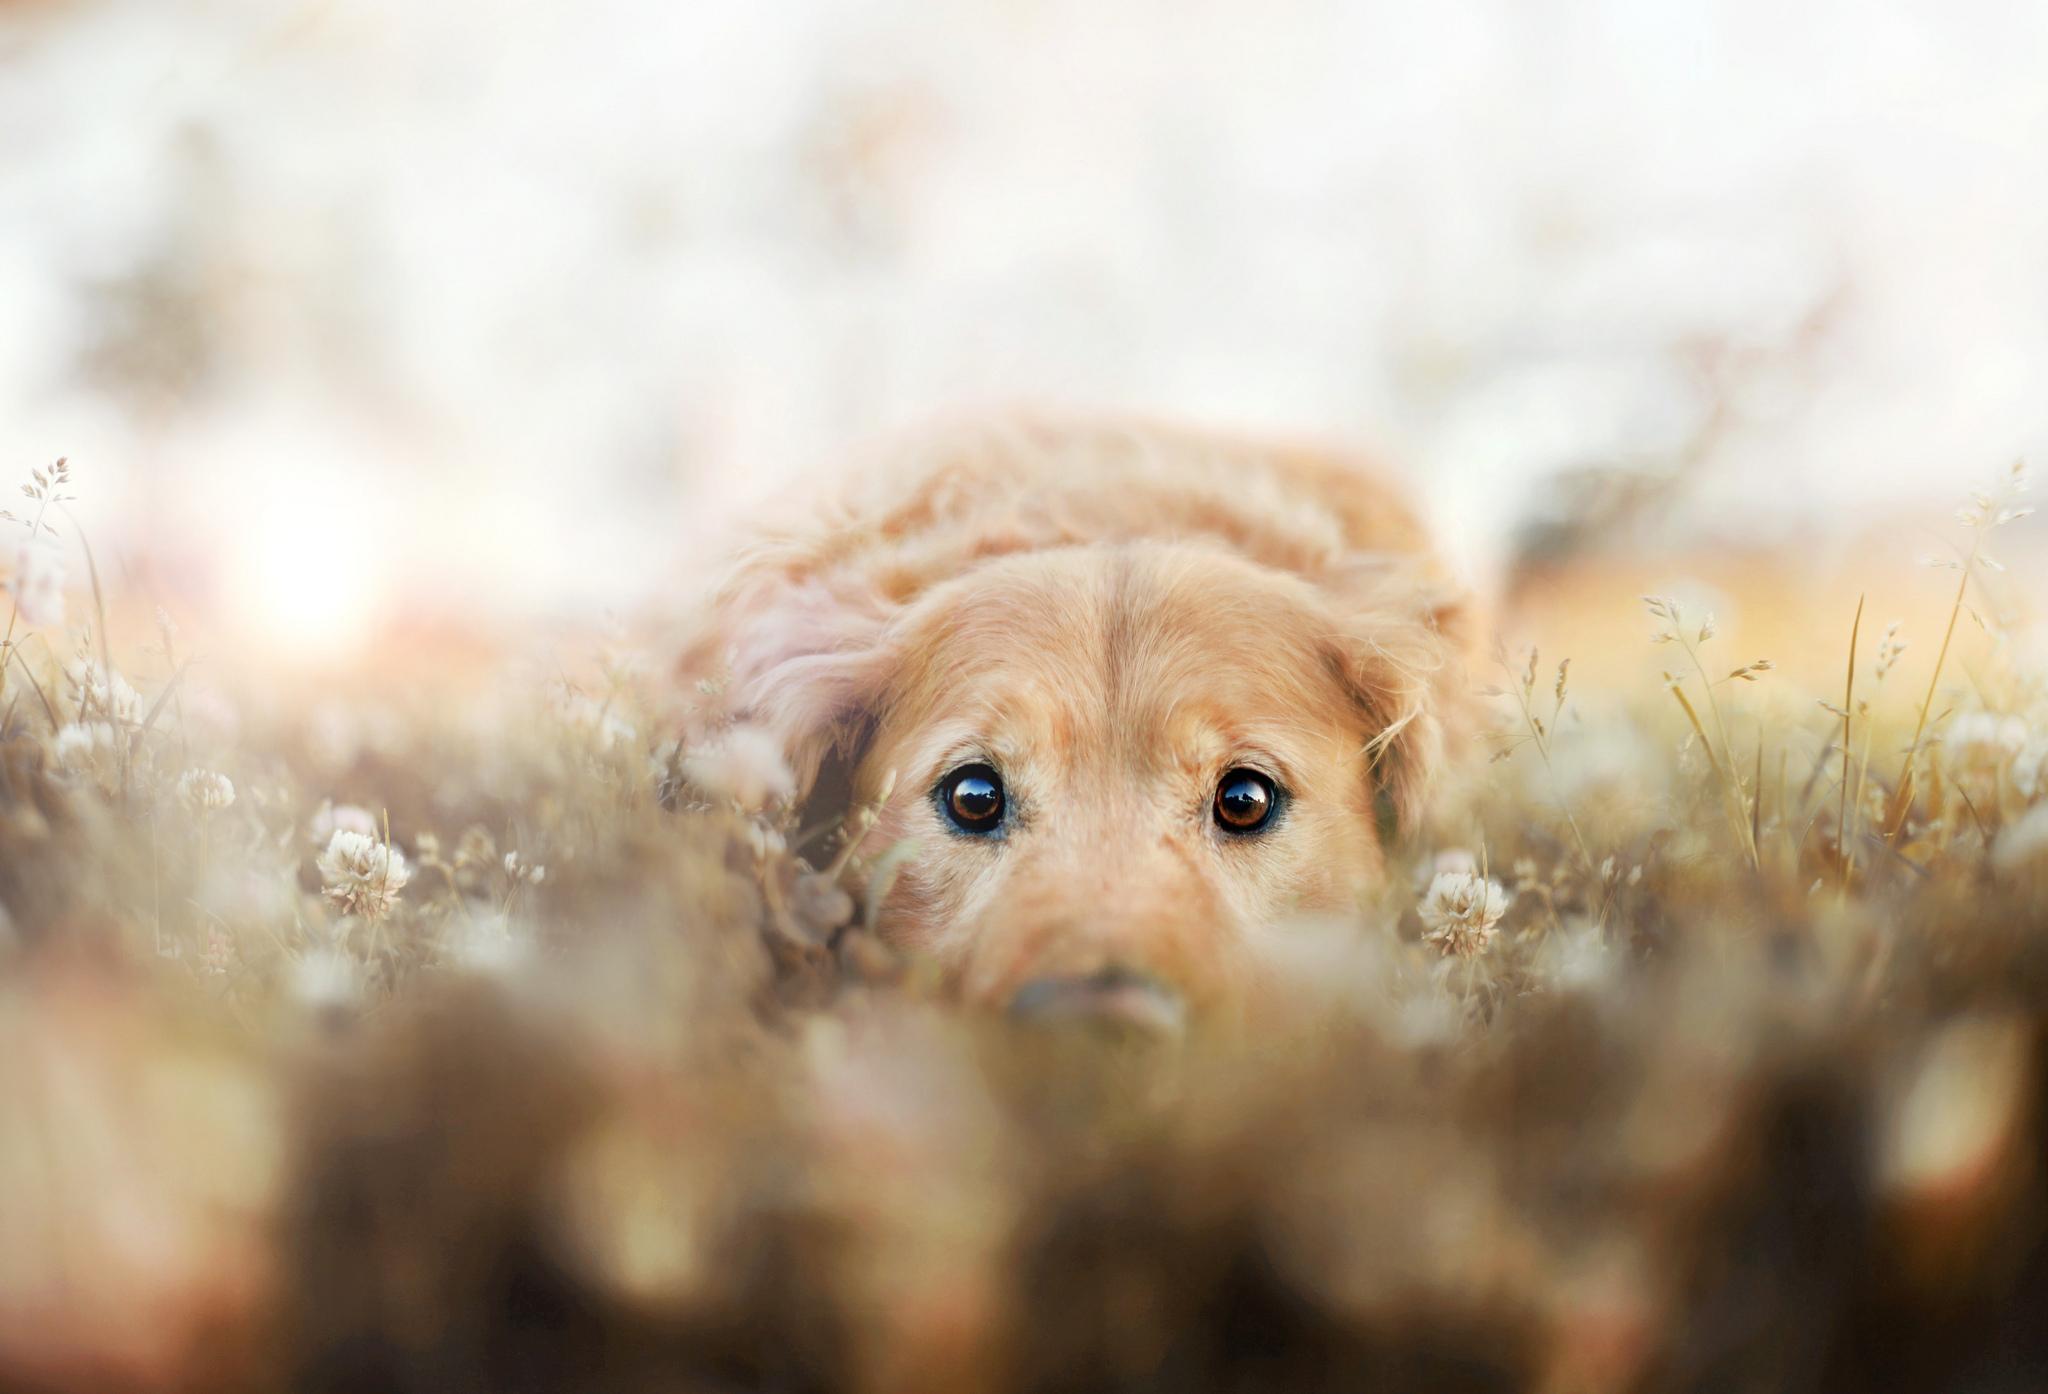 Golden retriever full hd wallpaper and background image - Cute golden retriever wallpaper ...